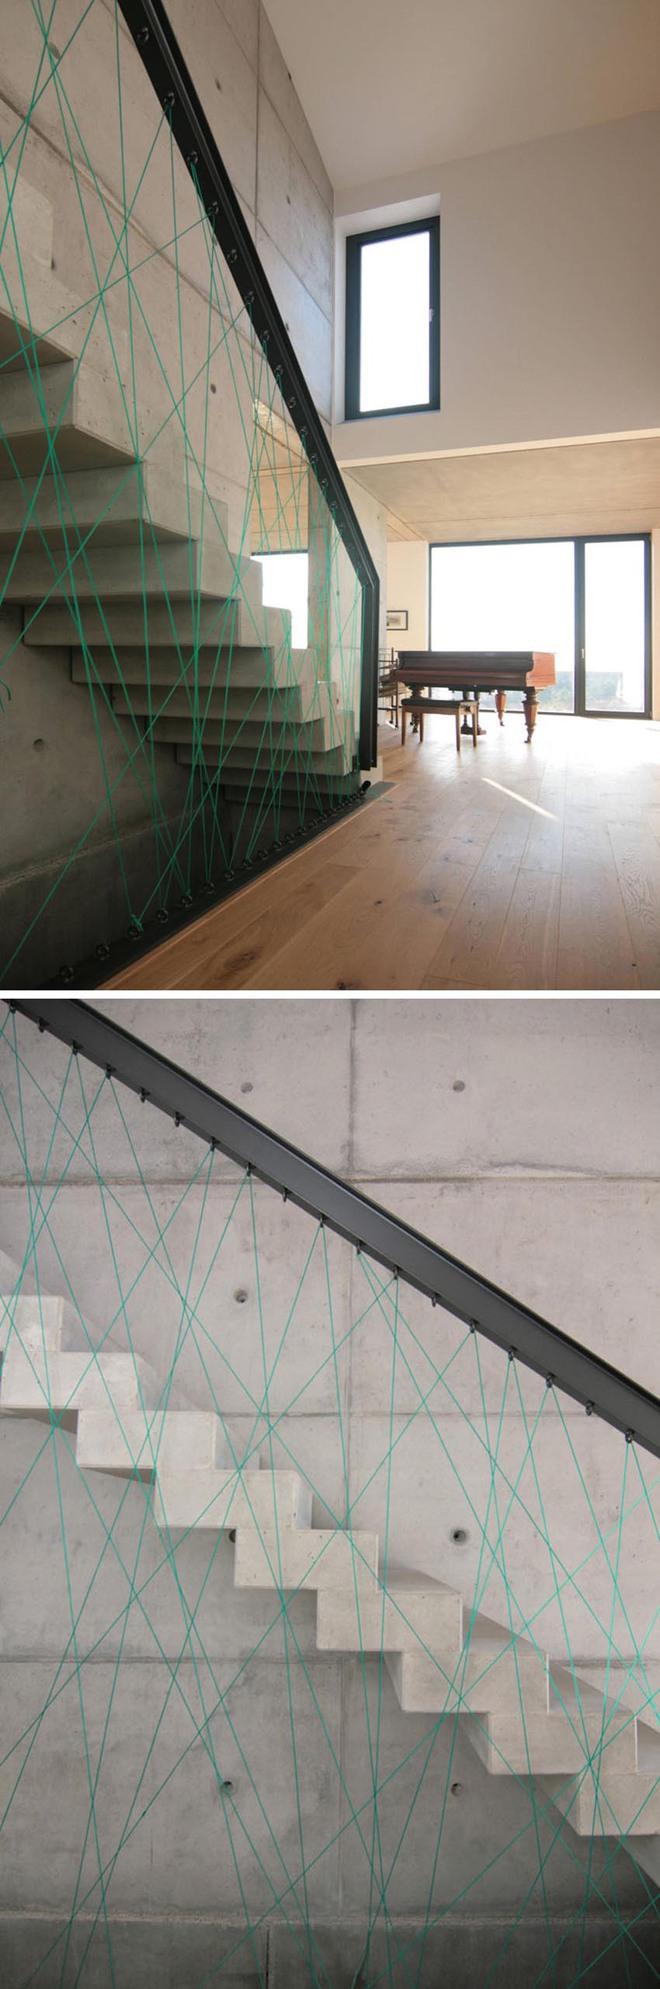 Không gian sống của gia đình thêm đẹp với mẫu cầu thang dây vô cùng độc đáo - Ảnh 7.